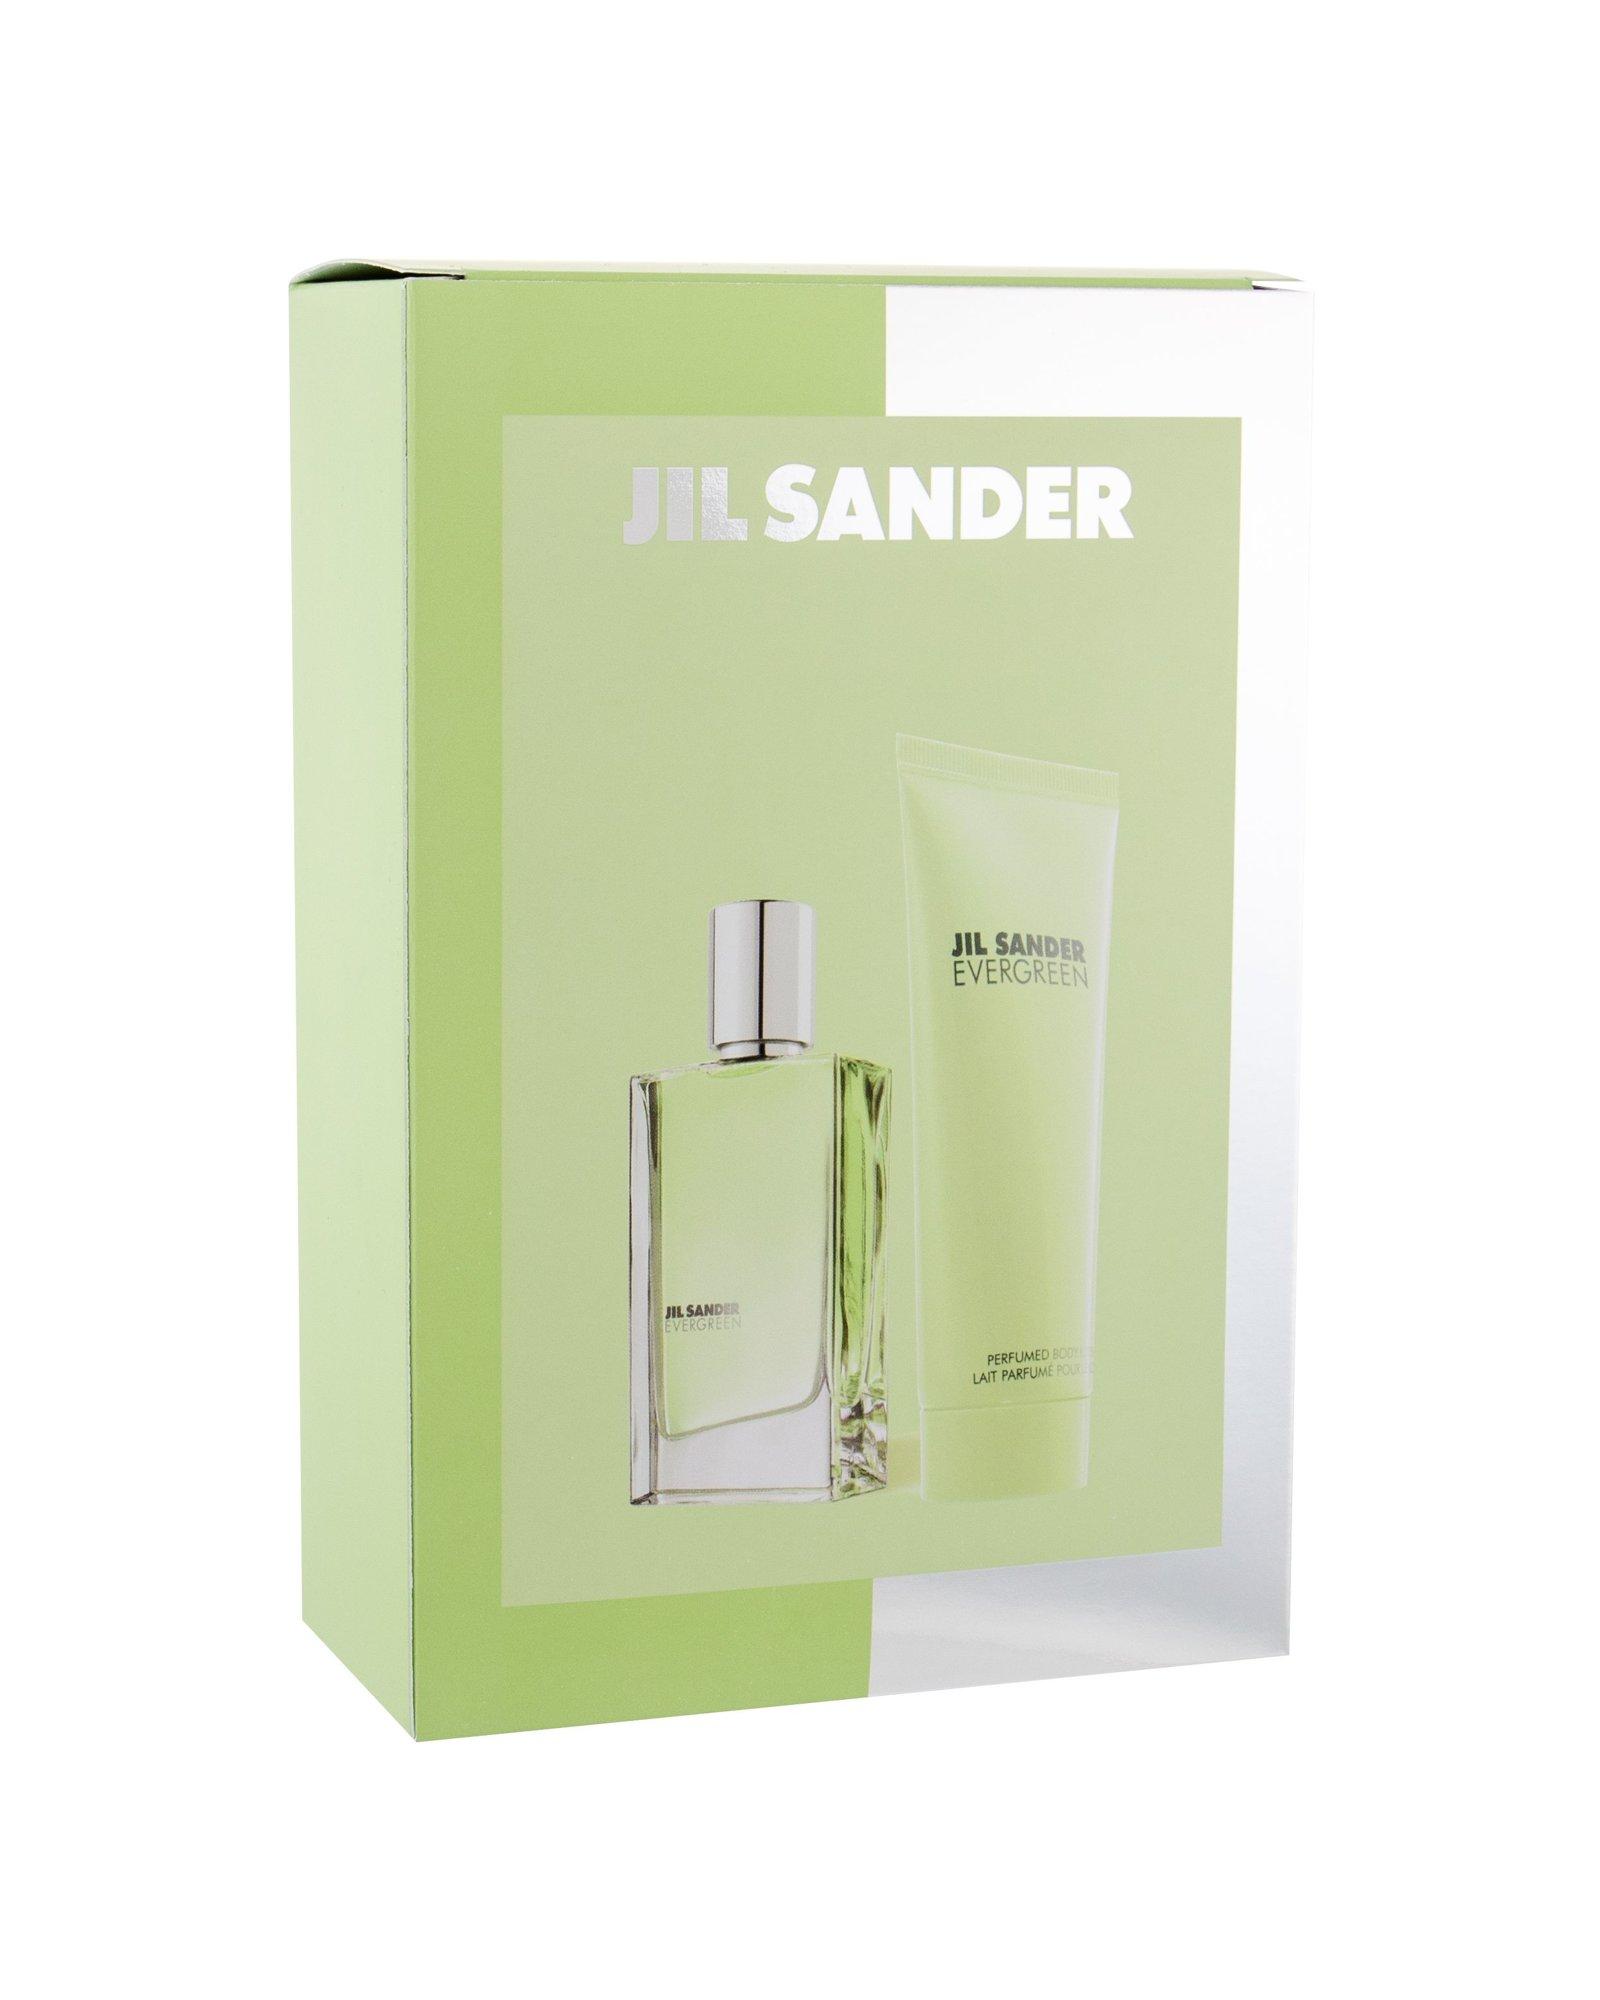 Jil Sander Evergreen Eau de Toilette 30ml